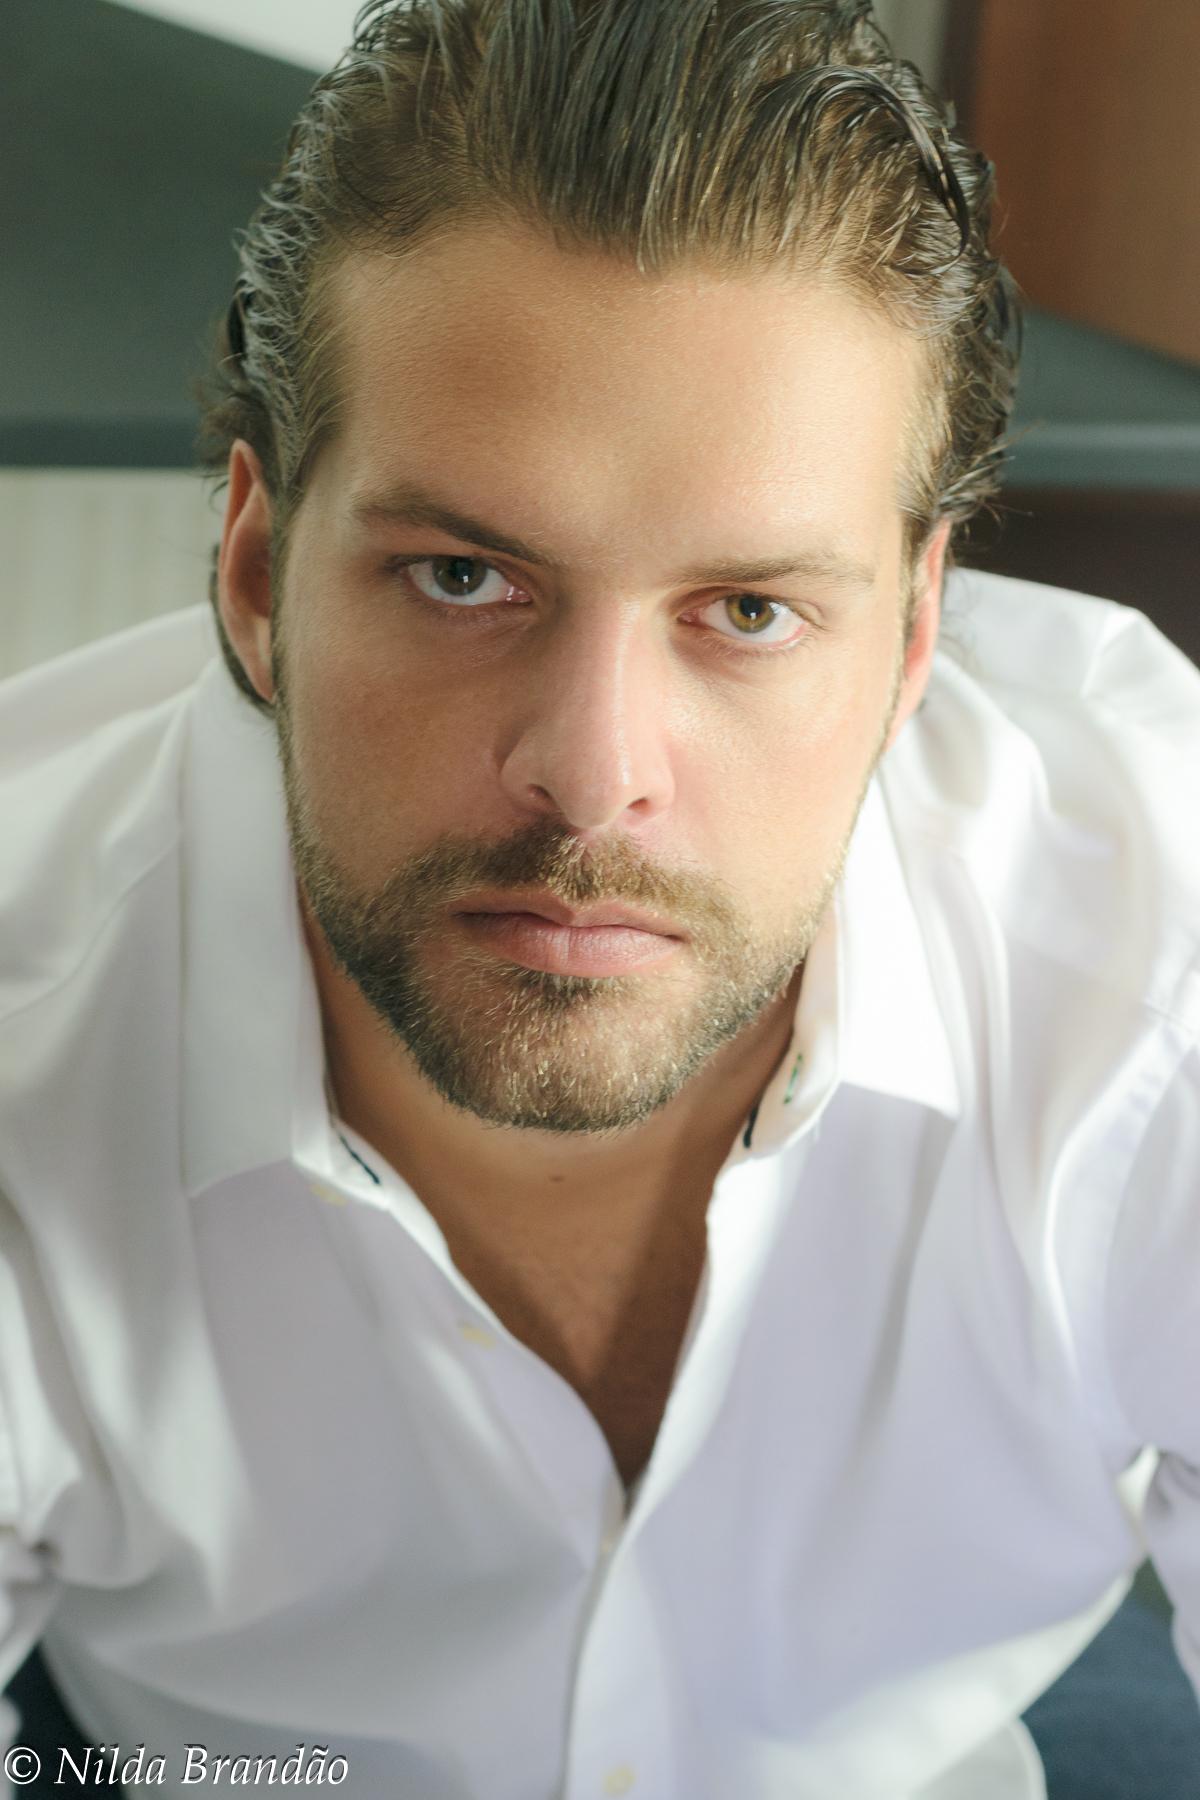 Retrato de ensaio masculino, usando camisa branca, a barba e o cabelo molhado dão o charme nessa imagem.